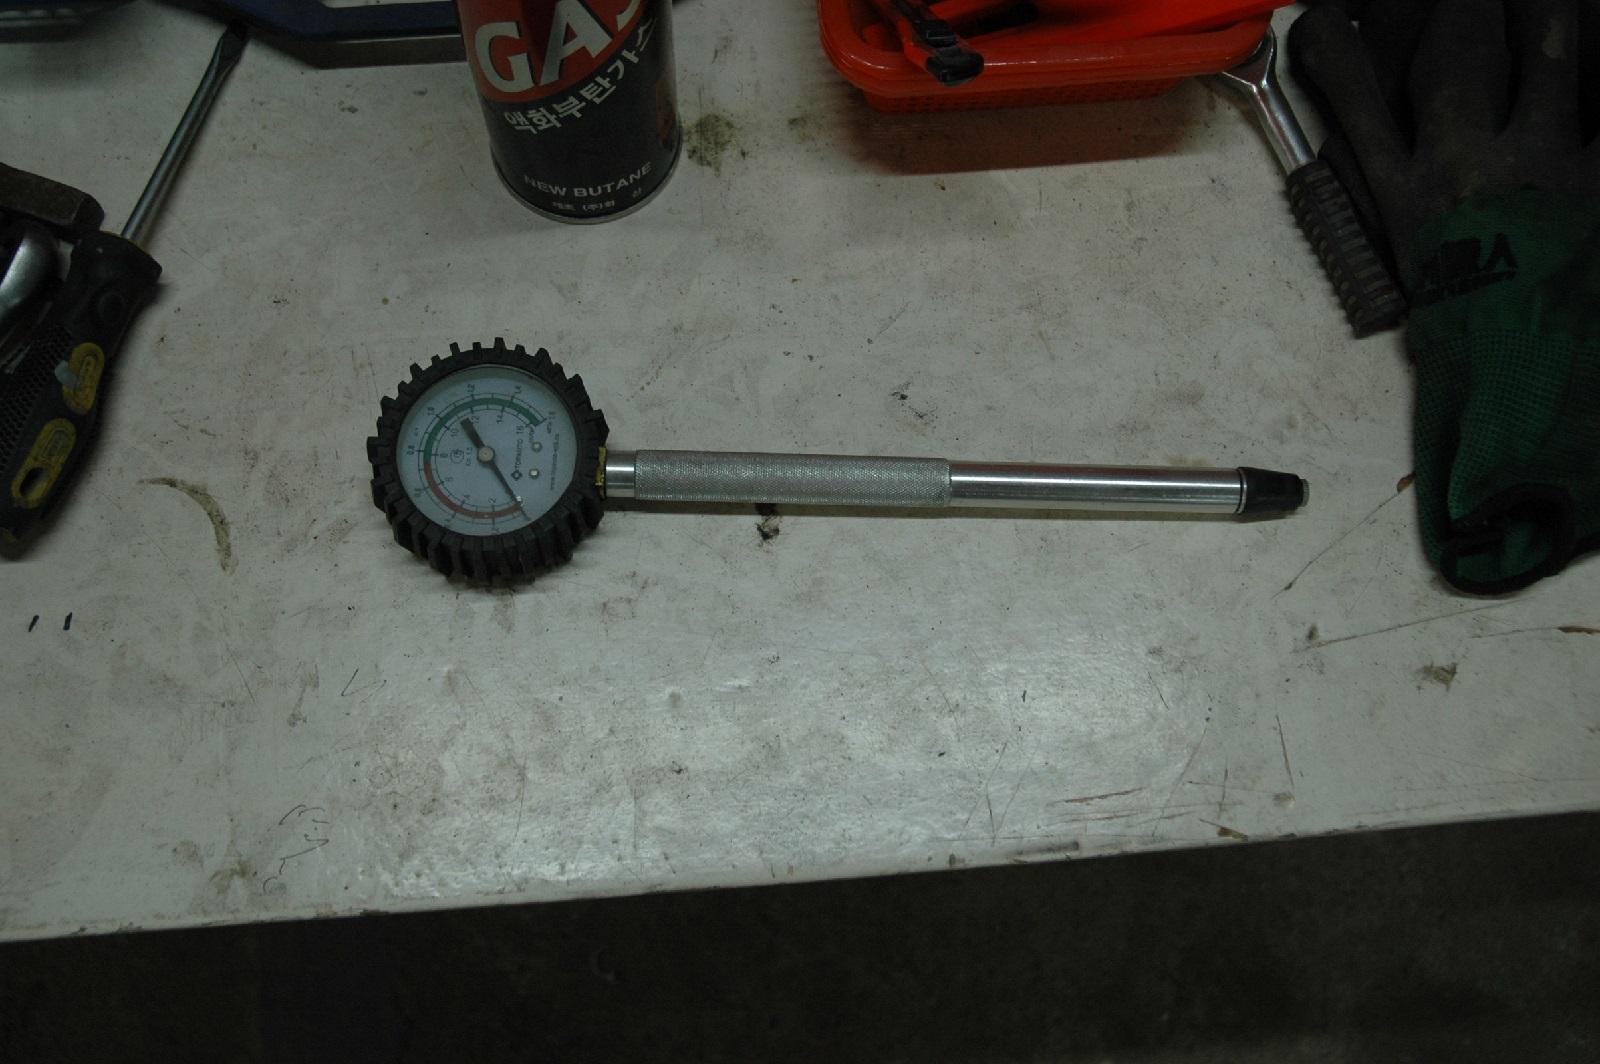 С помощью этого прибора (компрессометра) измеряют компрессию мотора